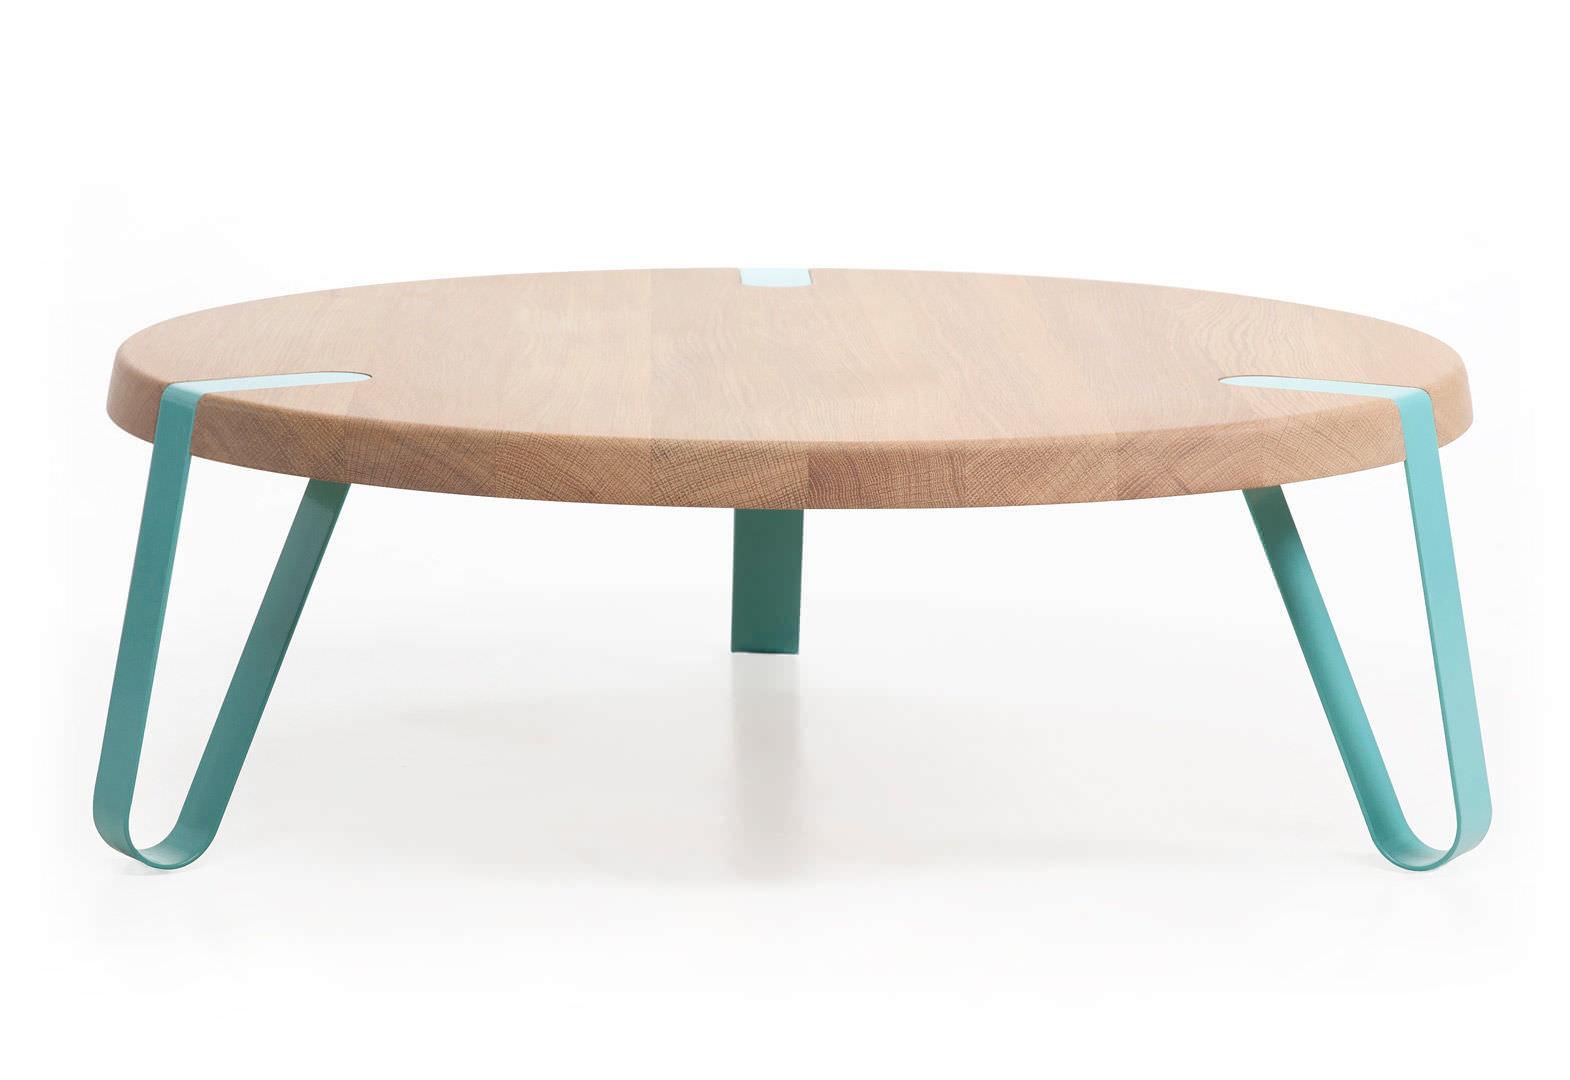 Dutch Design Moderner Couchtisch Holz Rund Innenbereich Level By Erik Remmers Odesi